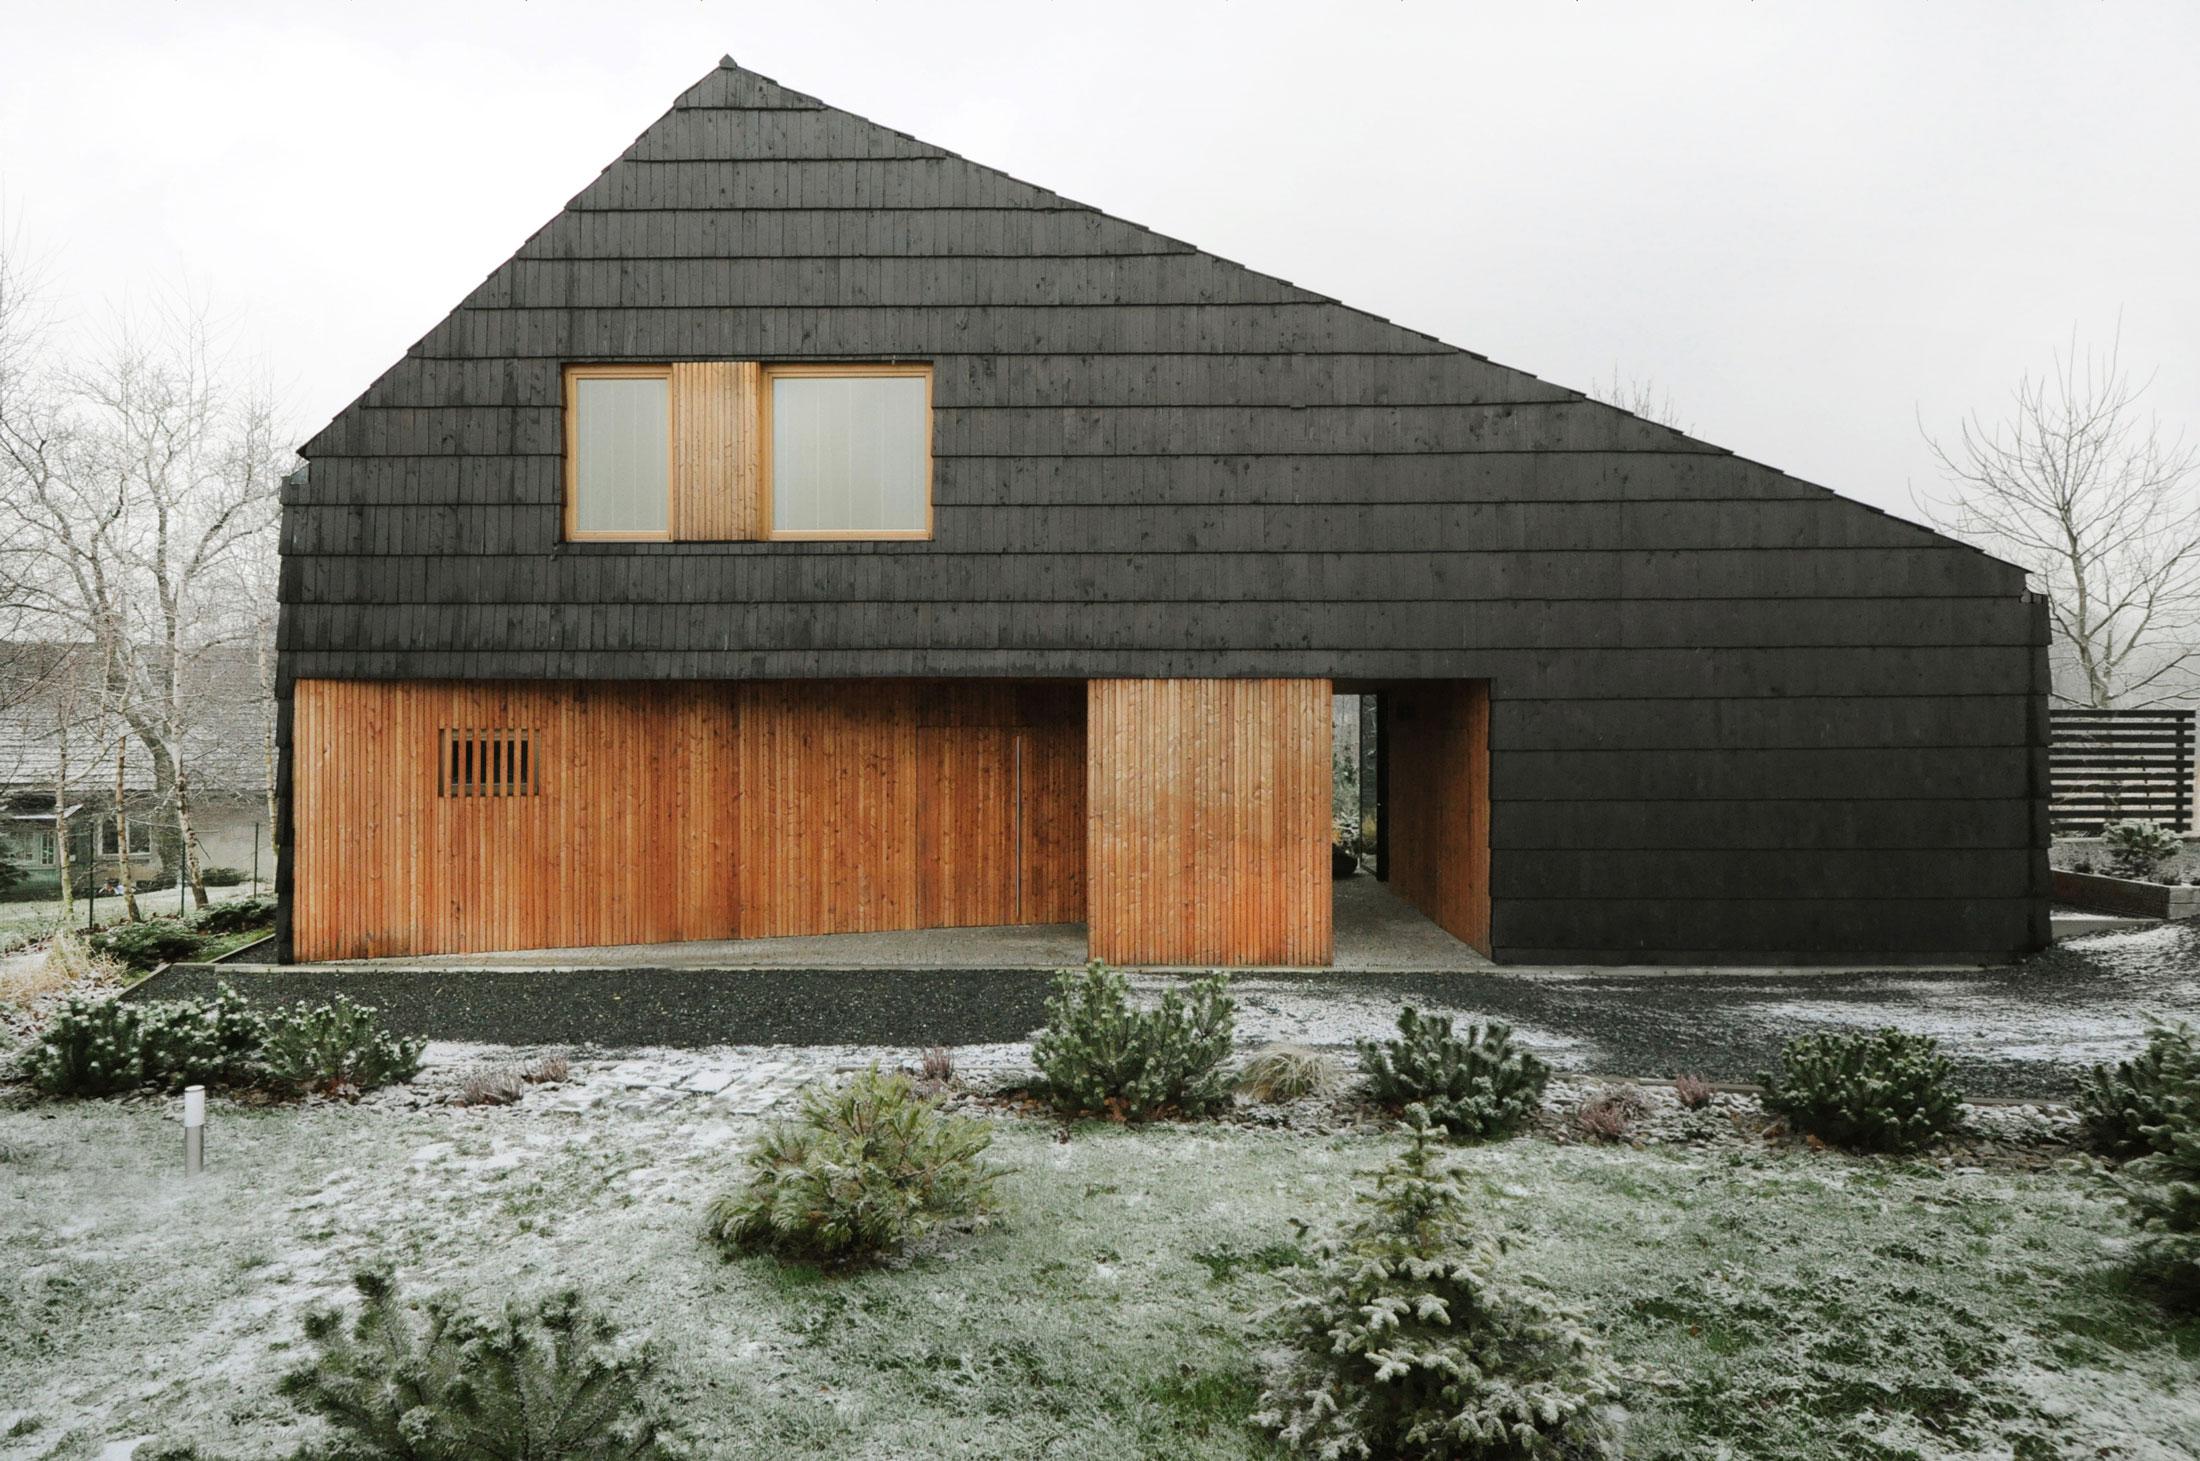 Najlepsze domy w Polsce Dom pokryty gontem w Bielsku-Białej